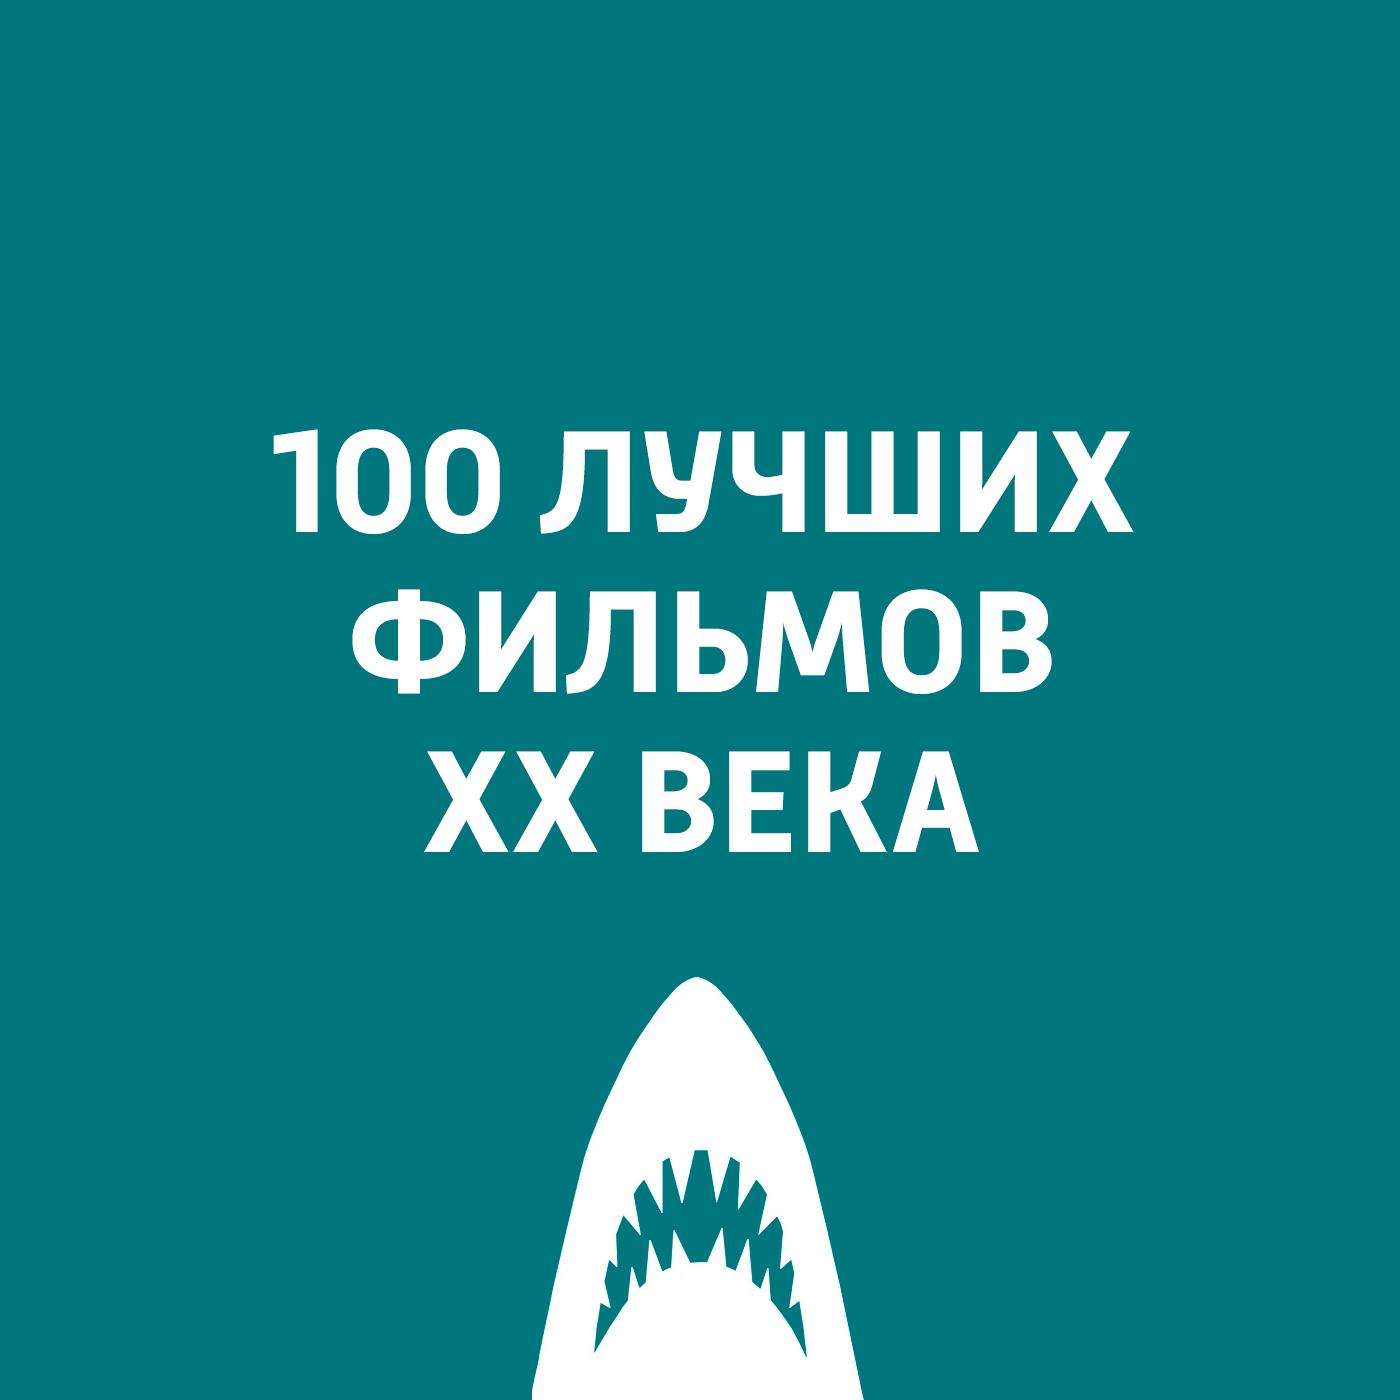 Антон Долин Покаяние любовь александровна спицына покаяние